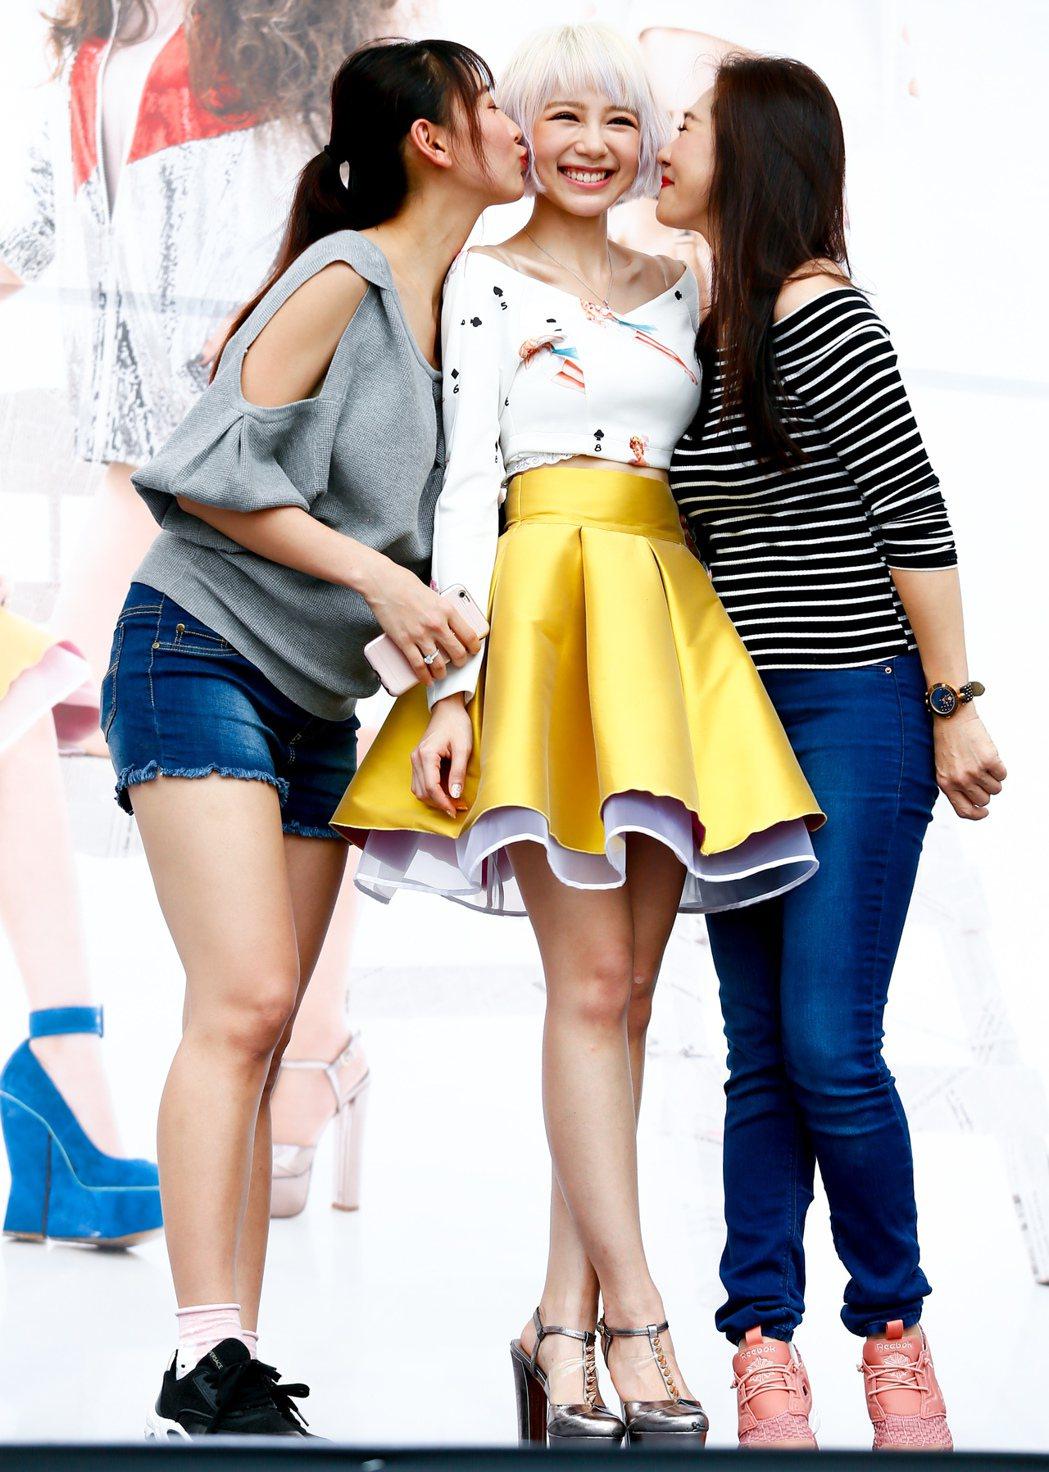 馬來西亞歌手林明禎今天下午在臺北西門紅樓舉辦單曲簽唱會,姐姐與母親都到場來支持,...